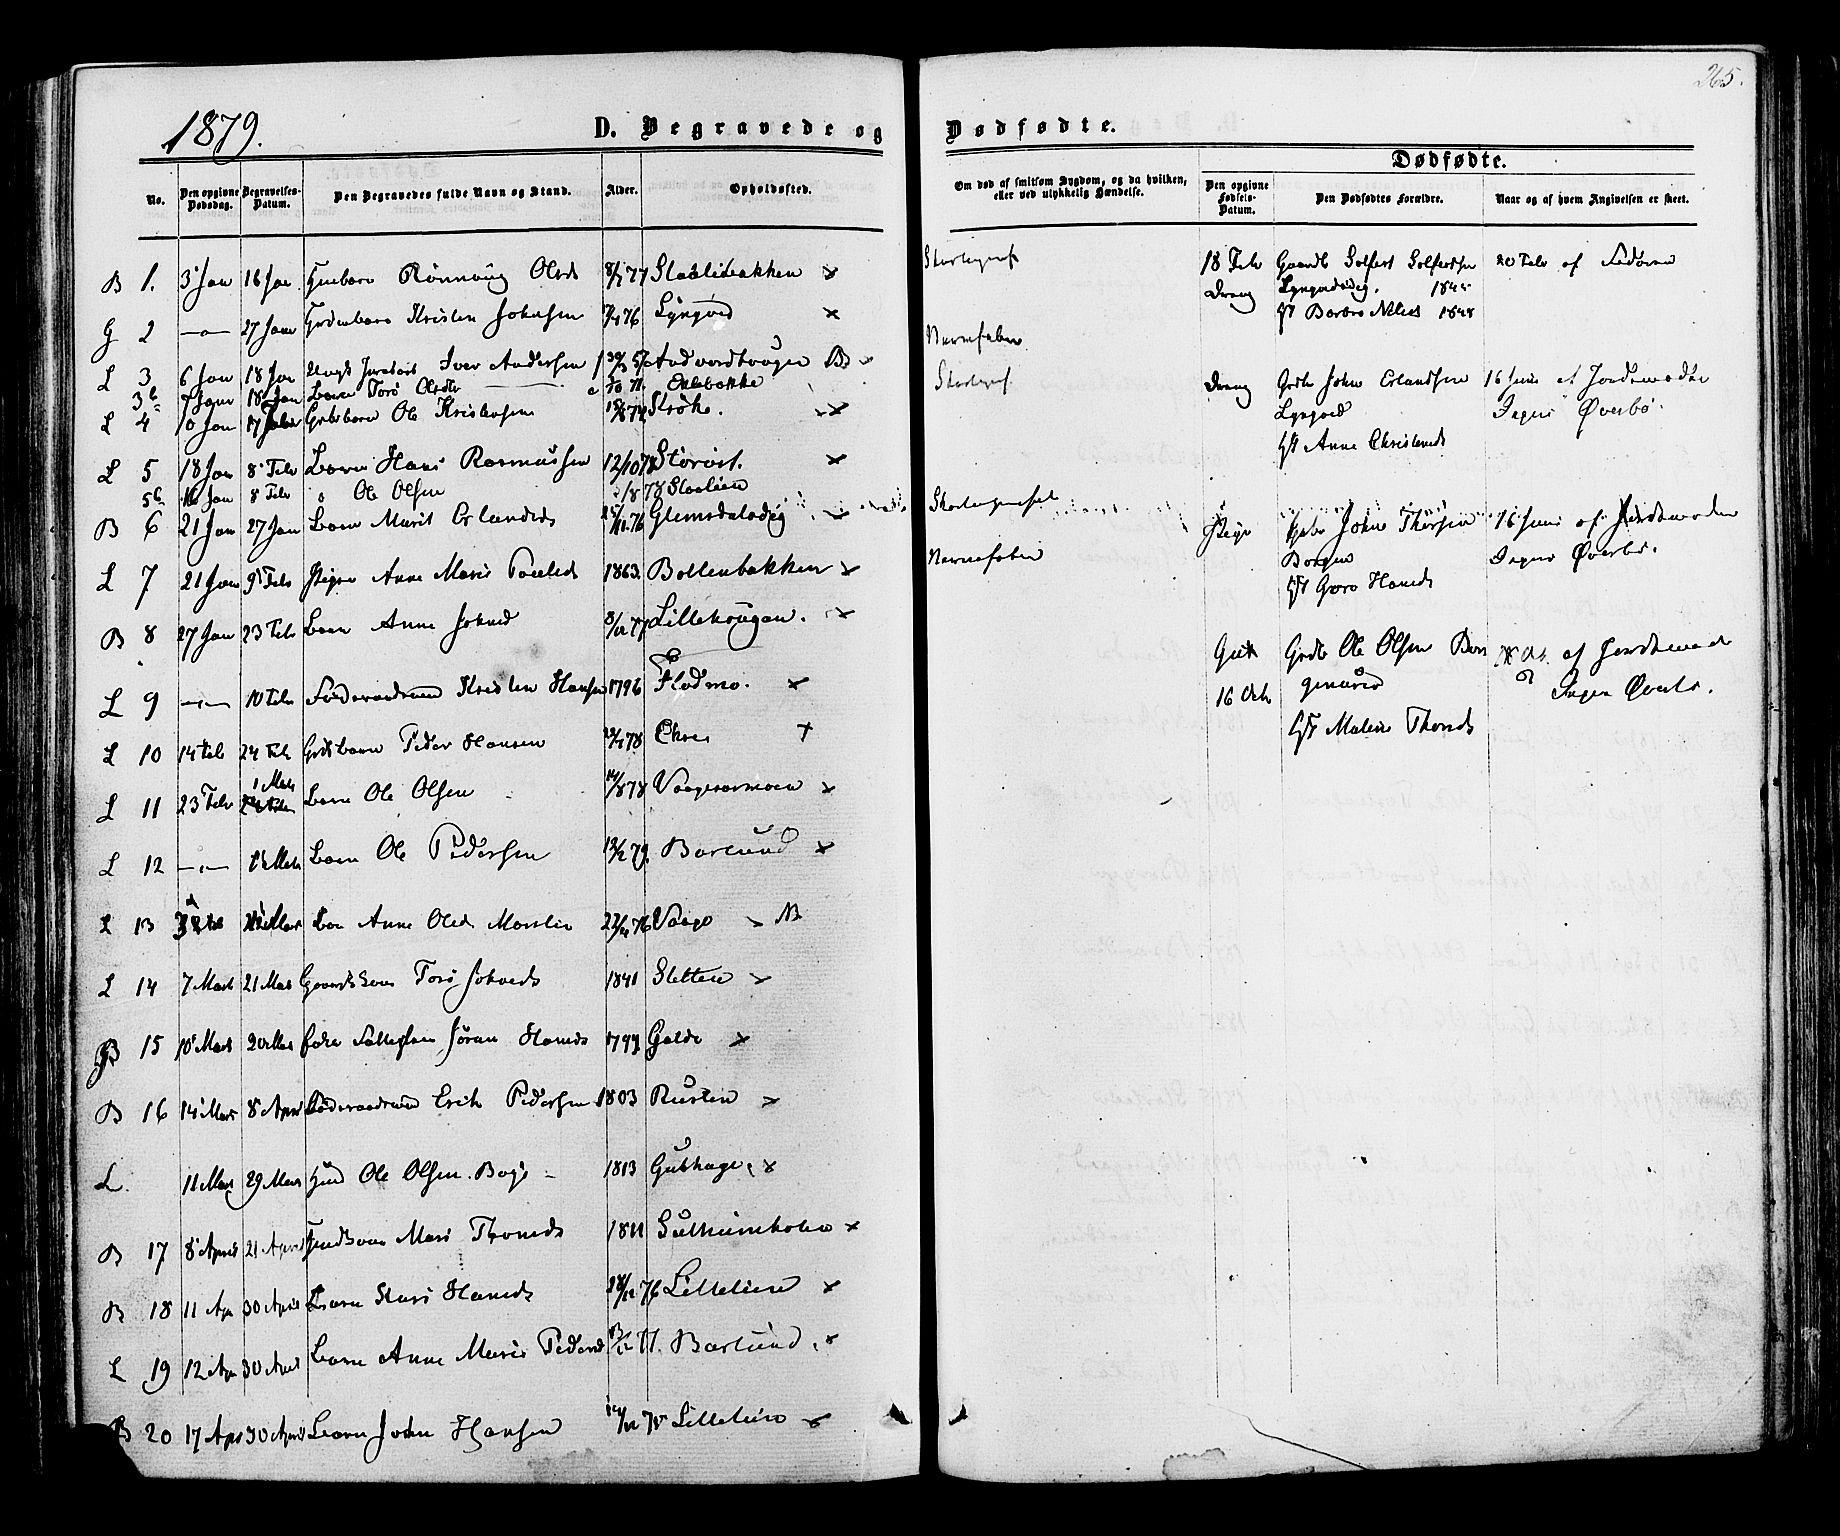 SAH, Lom prestekontor, K/L0007: Ministerialbok nr. 7, 1863-1884, s. 265